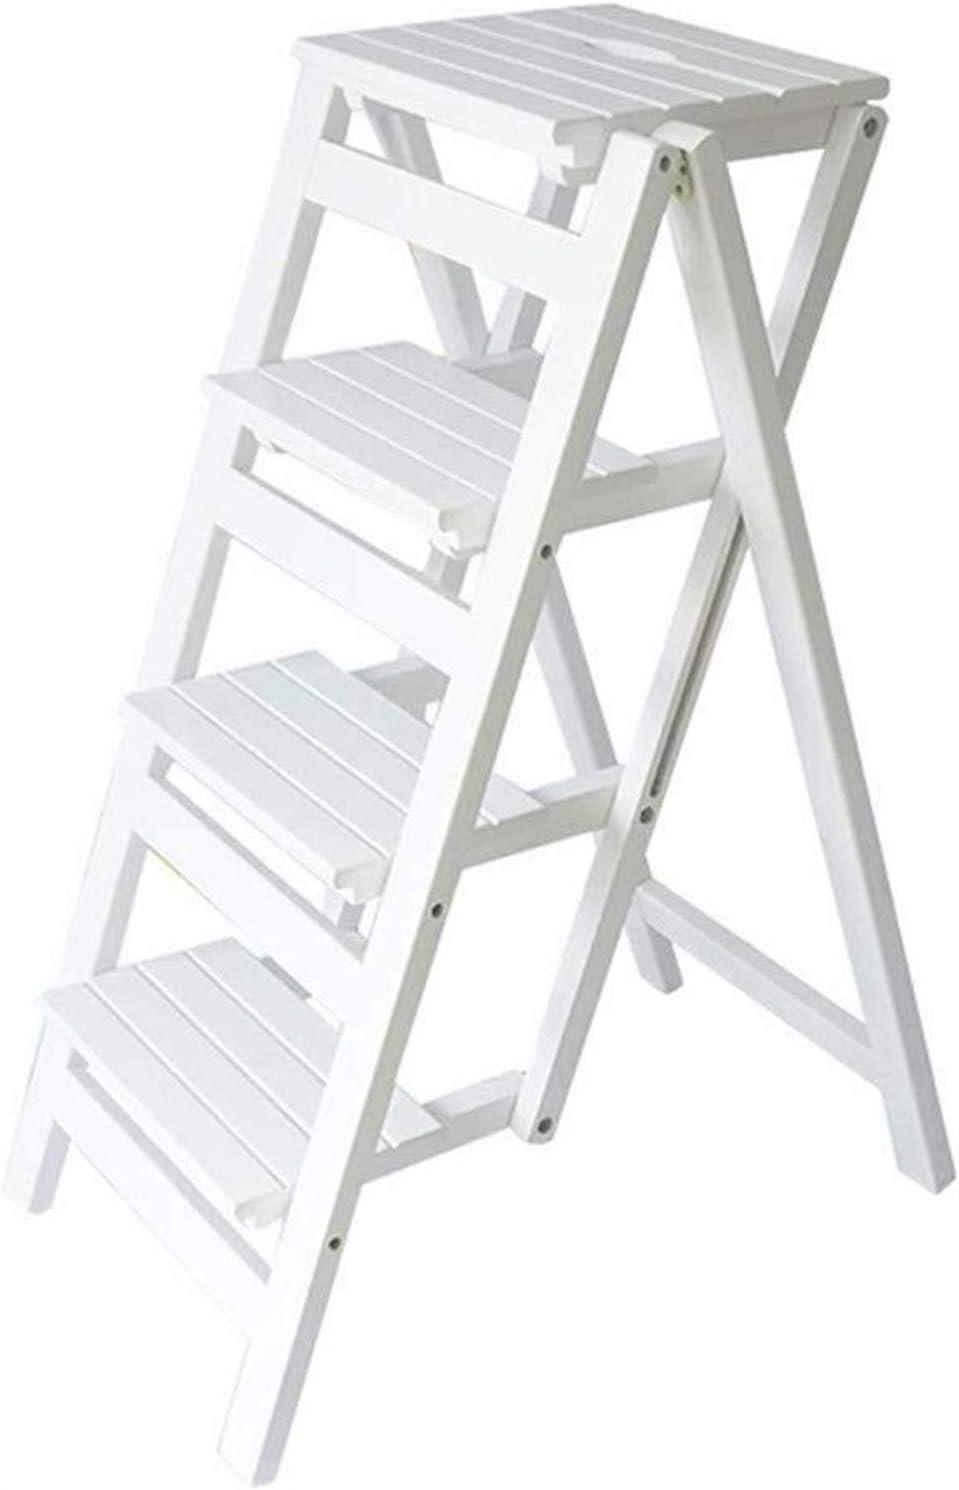 Yxsd Plegable escalera con 4 pasos, taburete, portable del hogar Escalera del taburete, silla de comedor, Paso taburete de madera for niños y adultos, la herramienta de jardinería doméstica, Heavy Dut: Amazon.es: